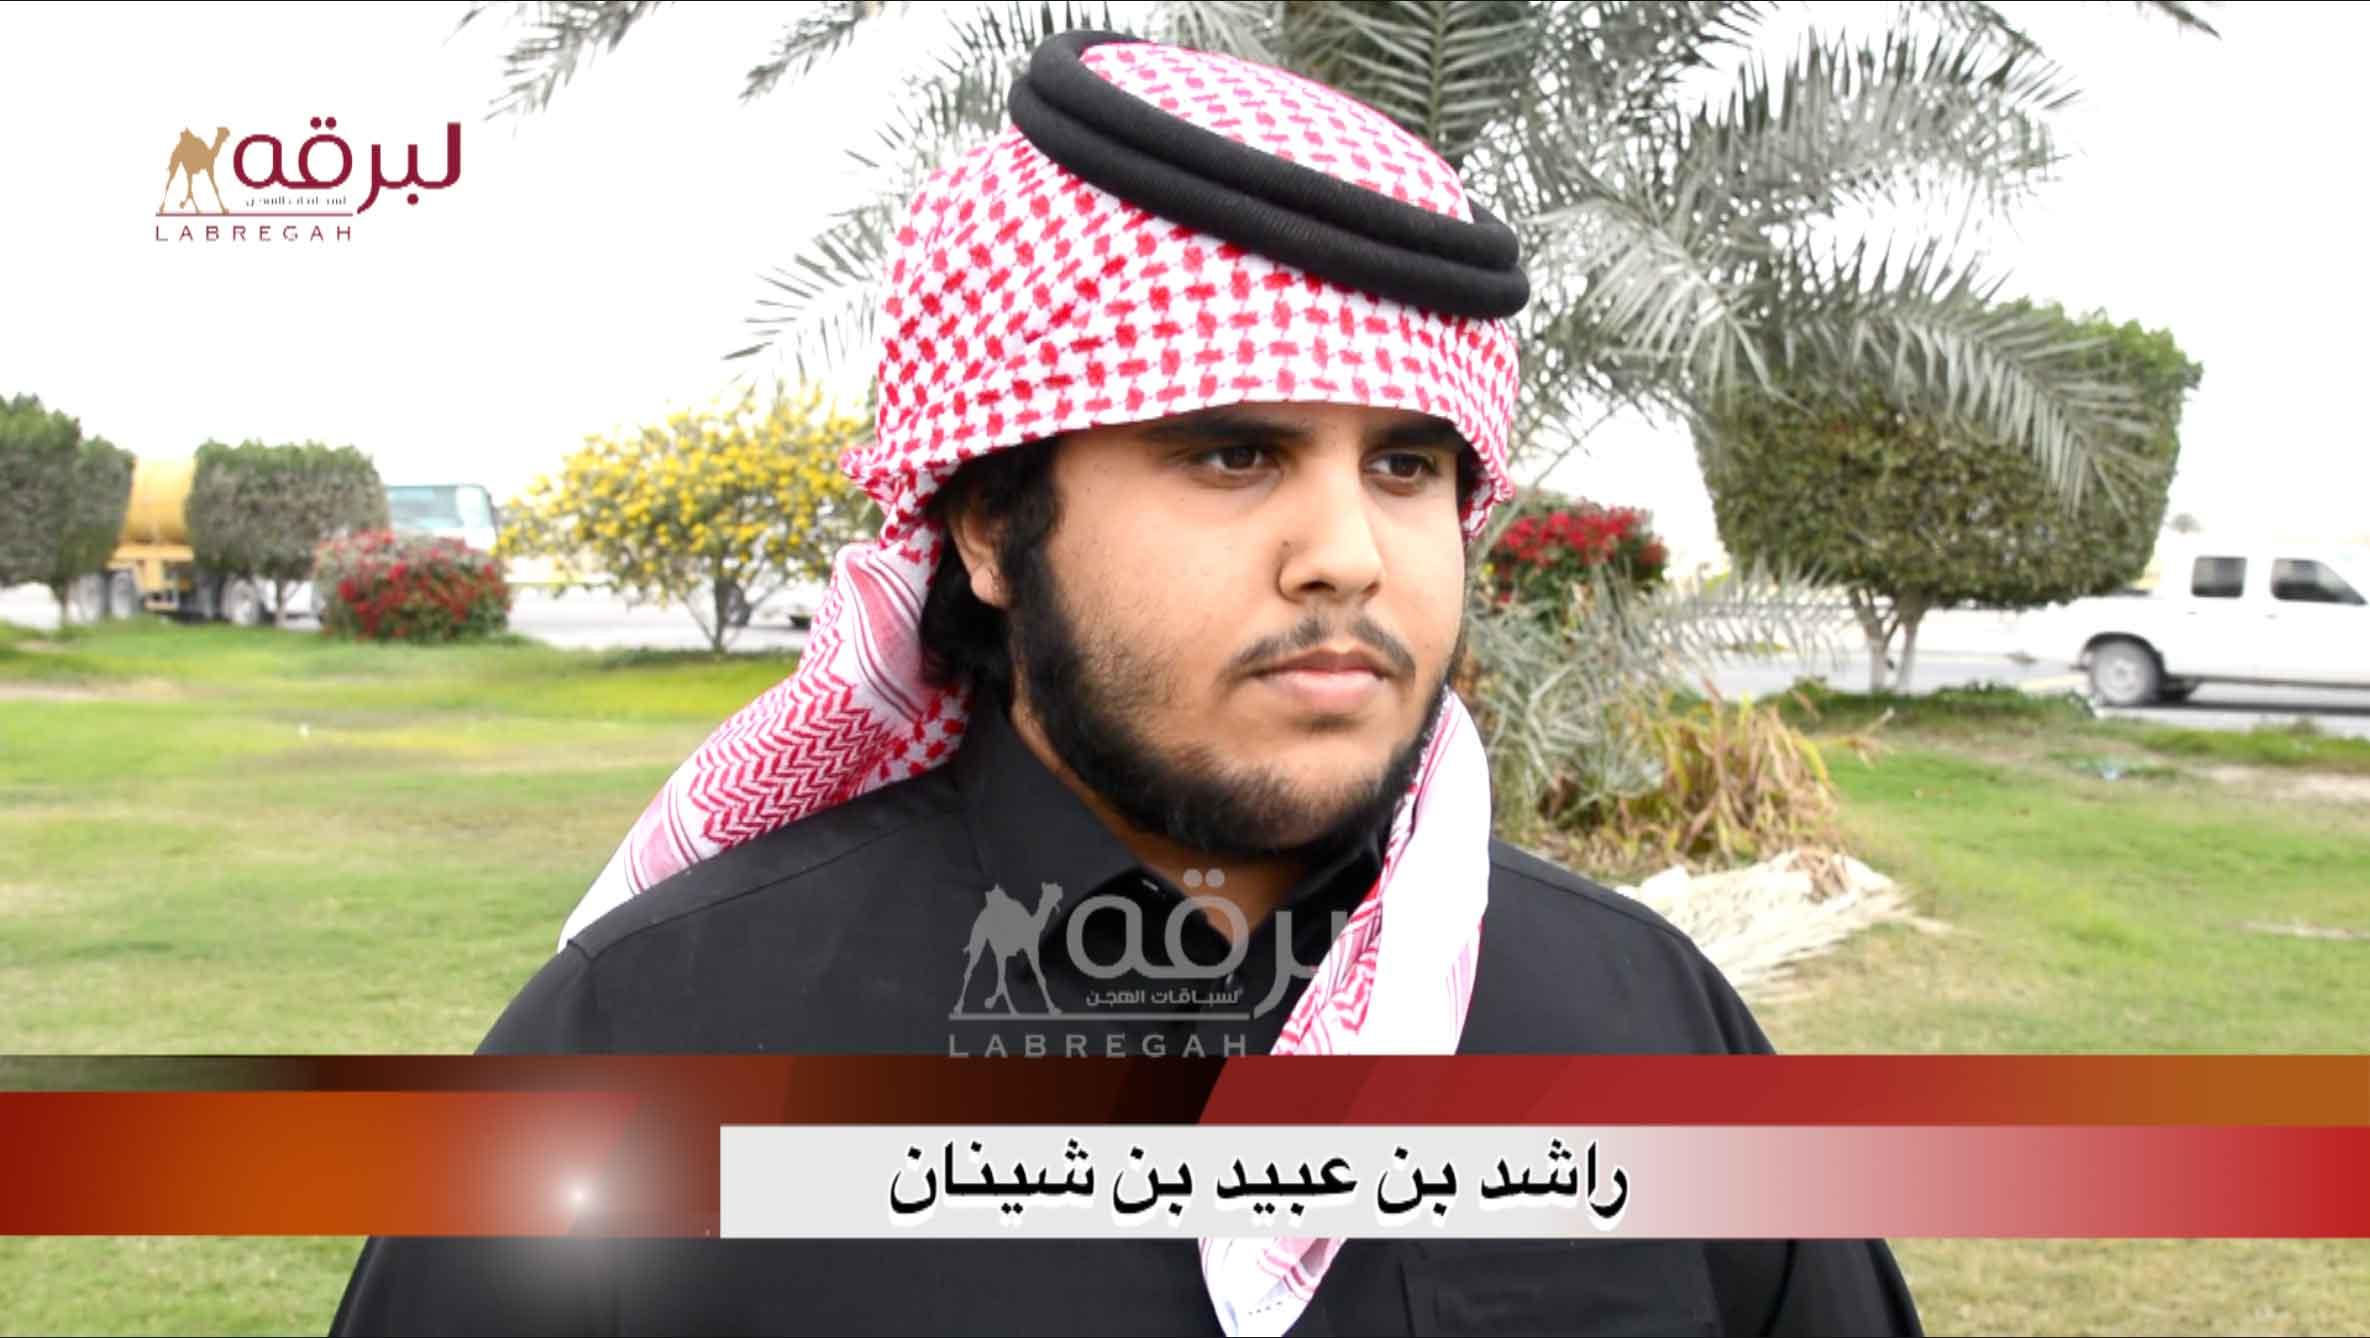 لقاء مع راشد بن عبيد بن شينان.. الشوط الرئيسي زمول « مفتوح » الأشواط العامة  ٢٠-٢-٢٠٢١